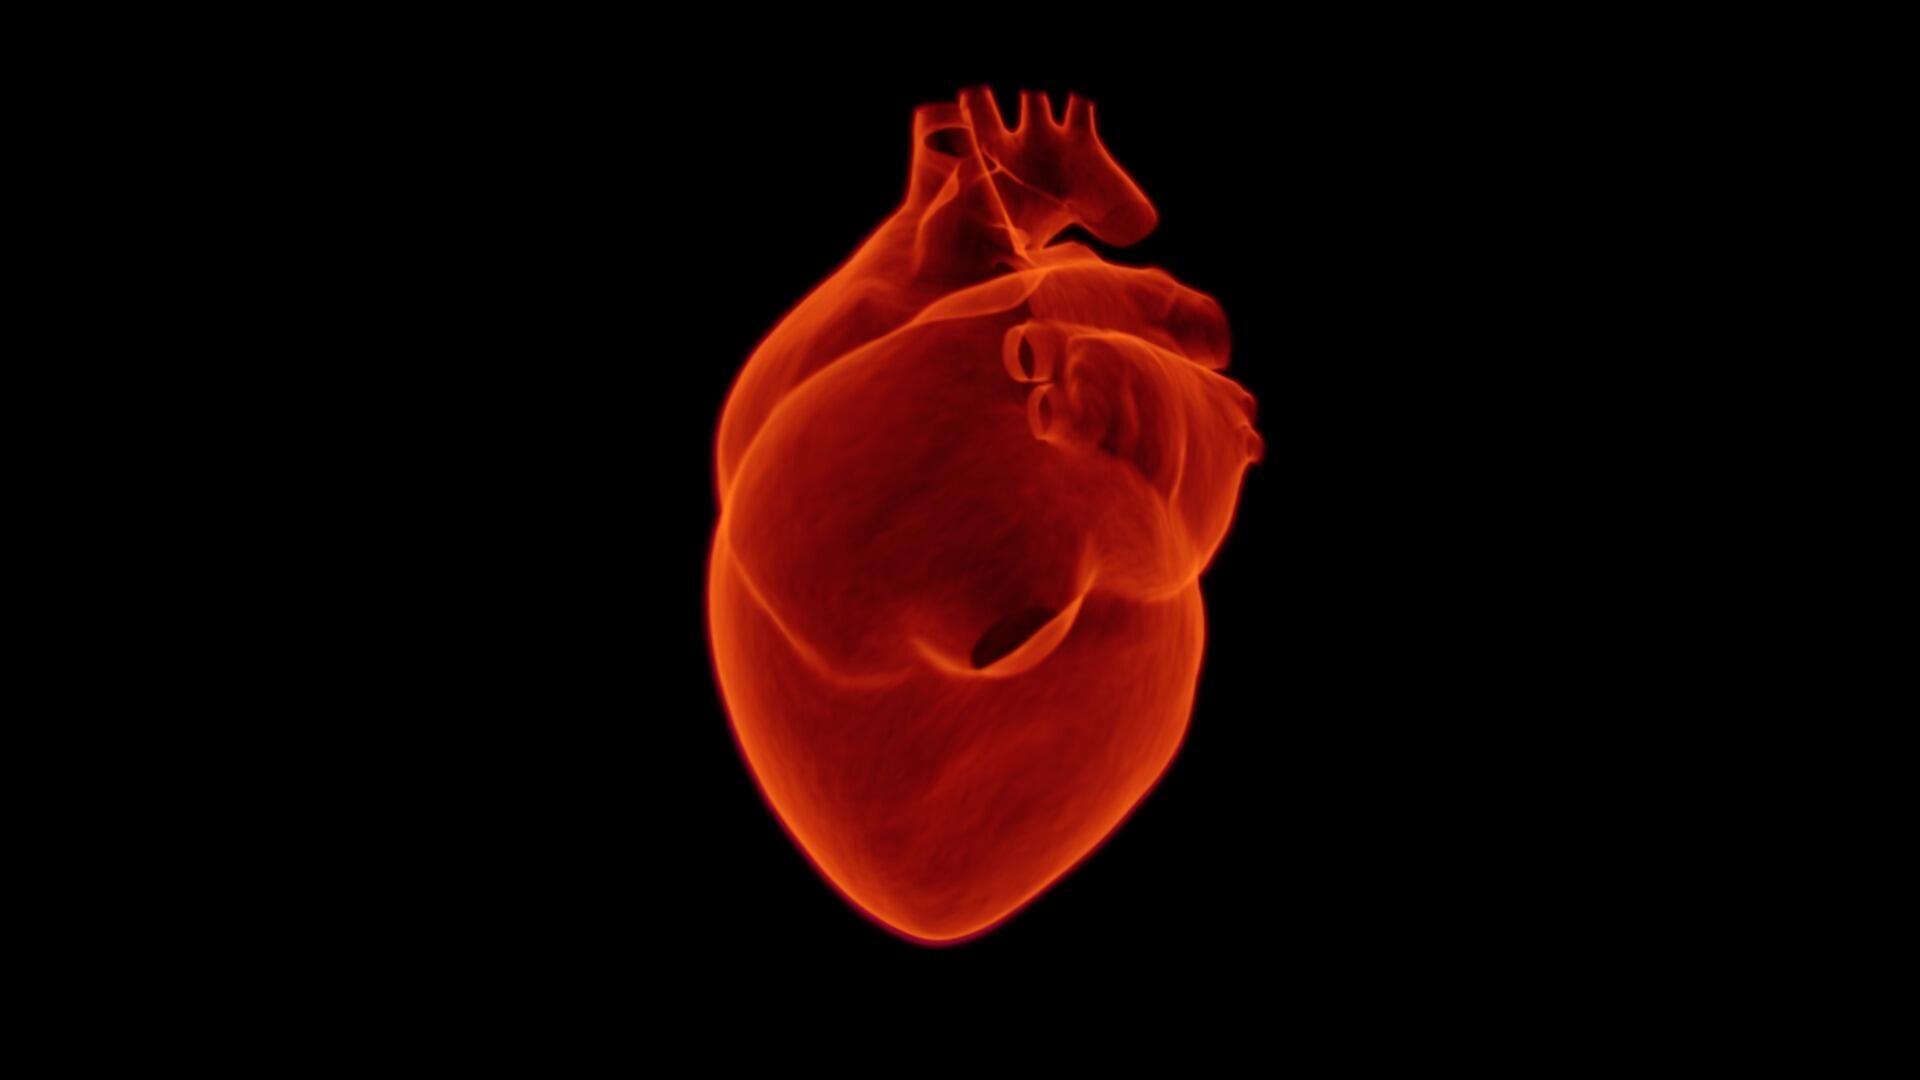 Menschliches Herz (Symbolbild) - SNA, 1920, 28.09.2021